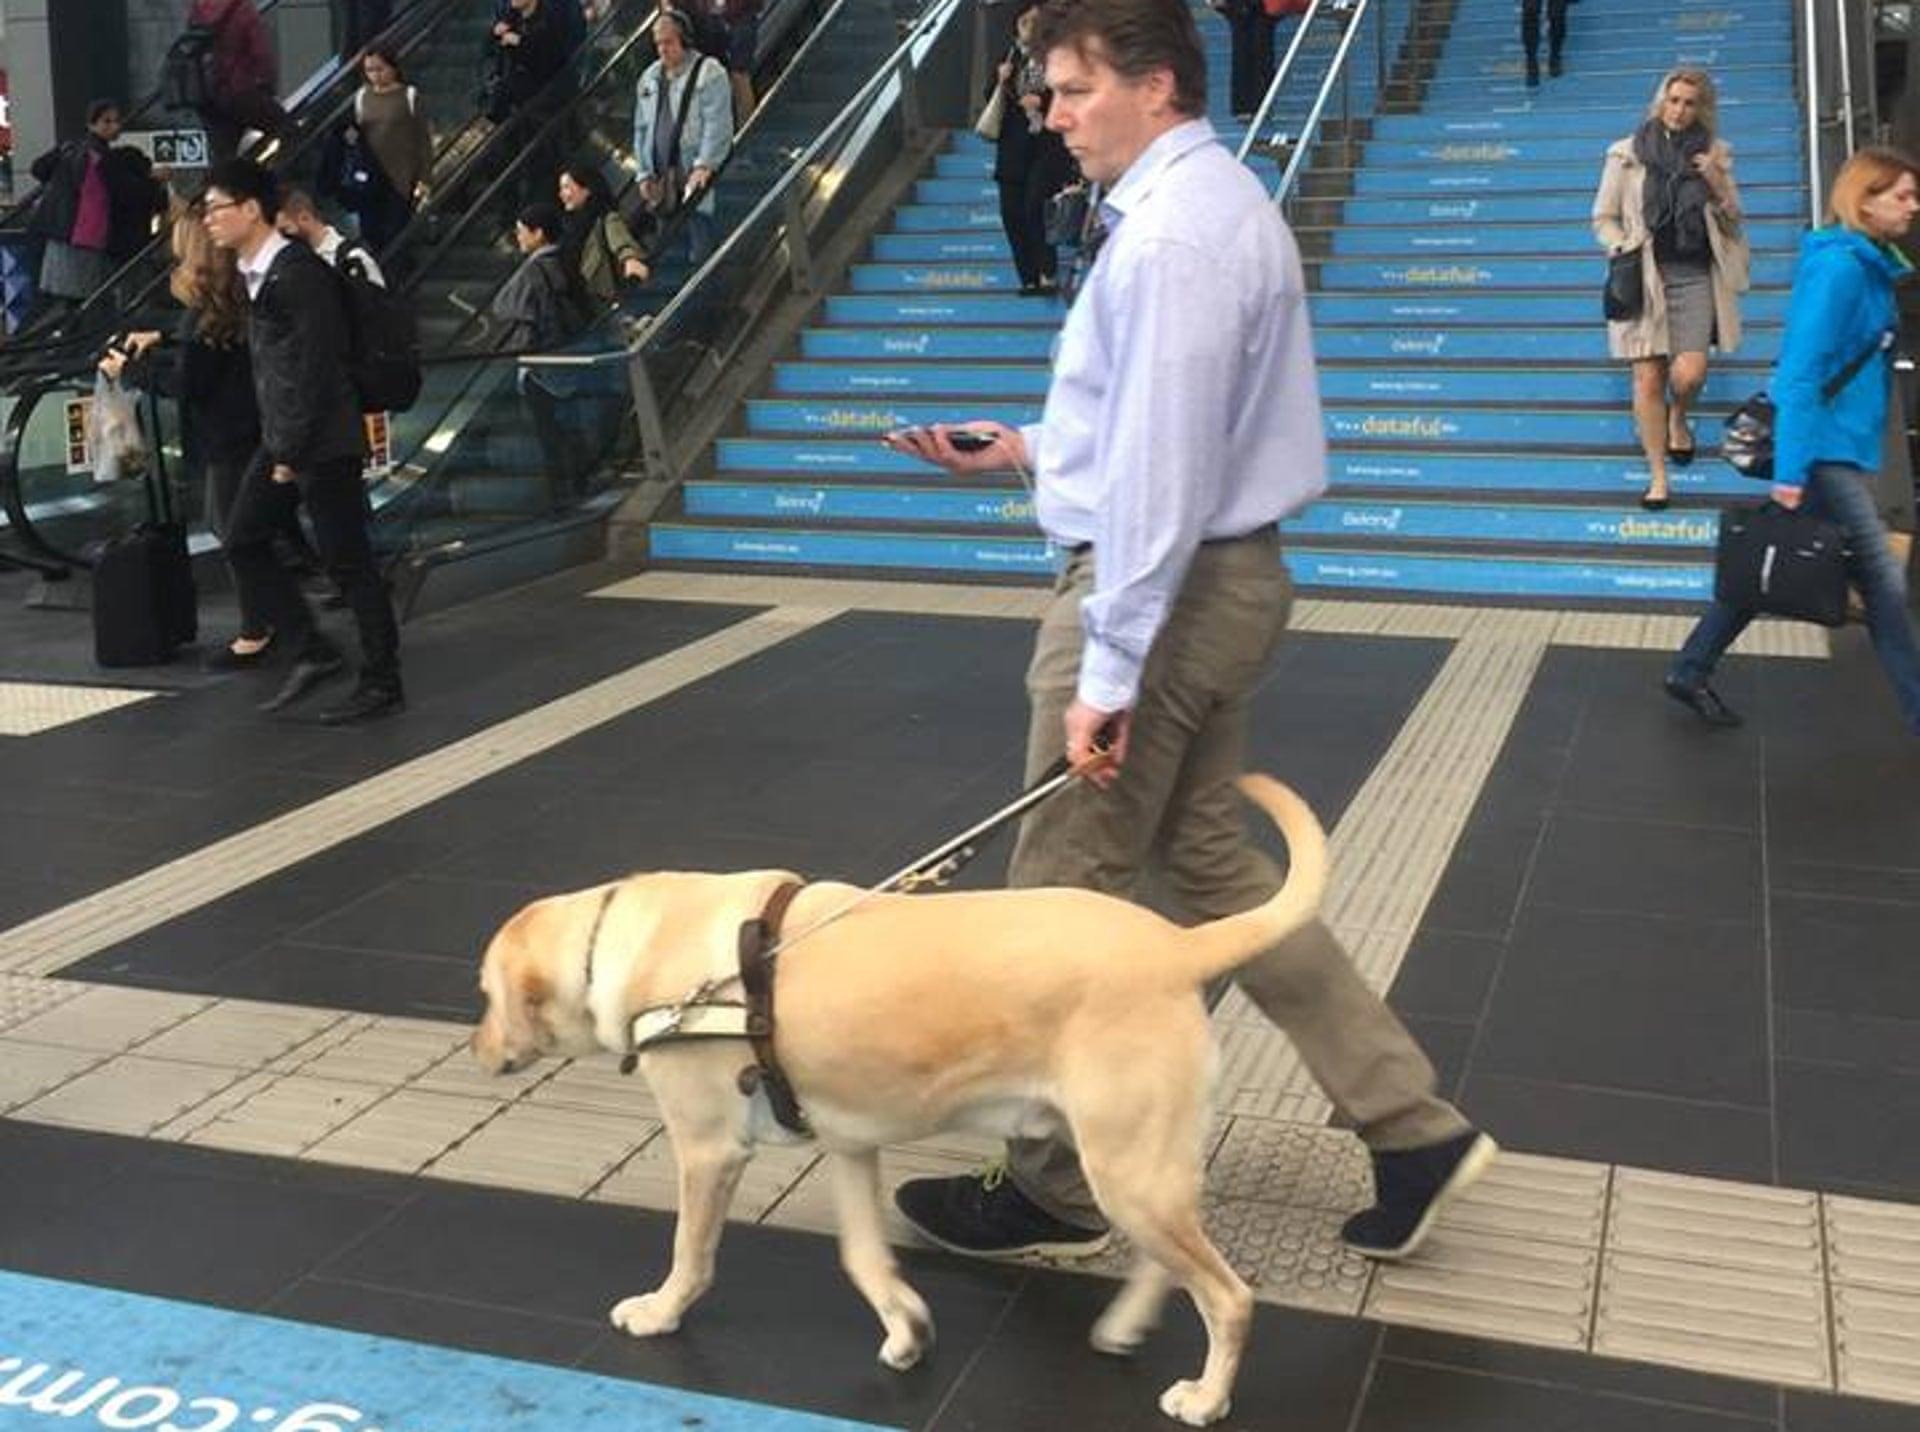 Los usuarios del esquema de balizas de Melbourne reciben instrucciones de audio a través de sus teléfonos inteligentes. Fotografía: Guide Dogs Victoria